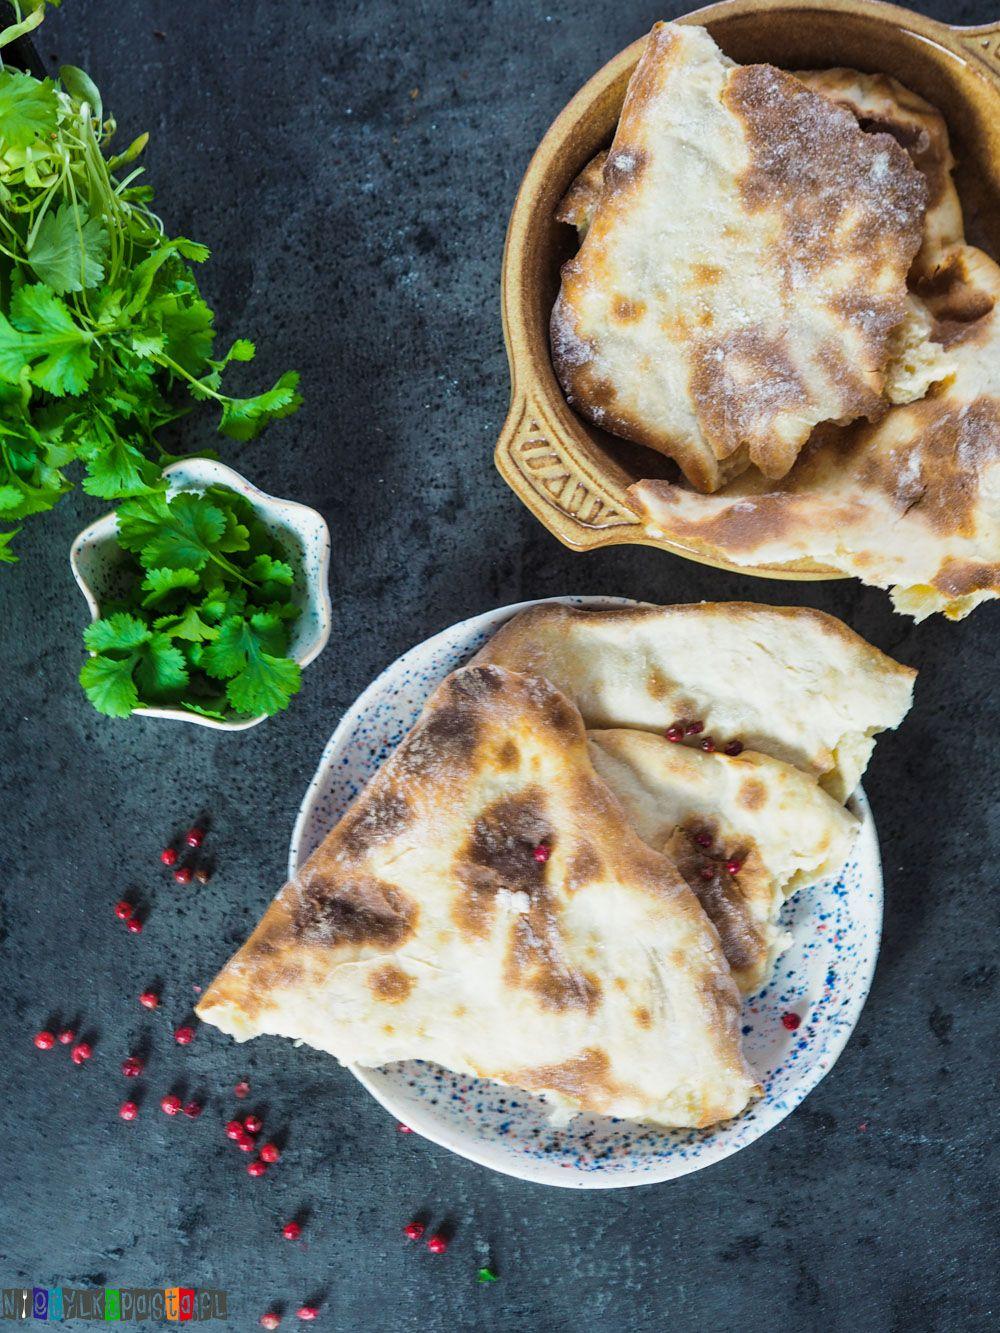 Pyszne Indyjskie Chlebki Naan Tradycyjny Dodatek W Kuchni Indyjskiej Najlepszy I Najprostszy Przepis Na Chlebki Culinary Recipes Cooking Food